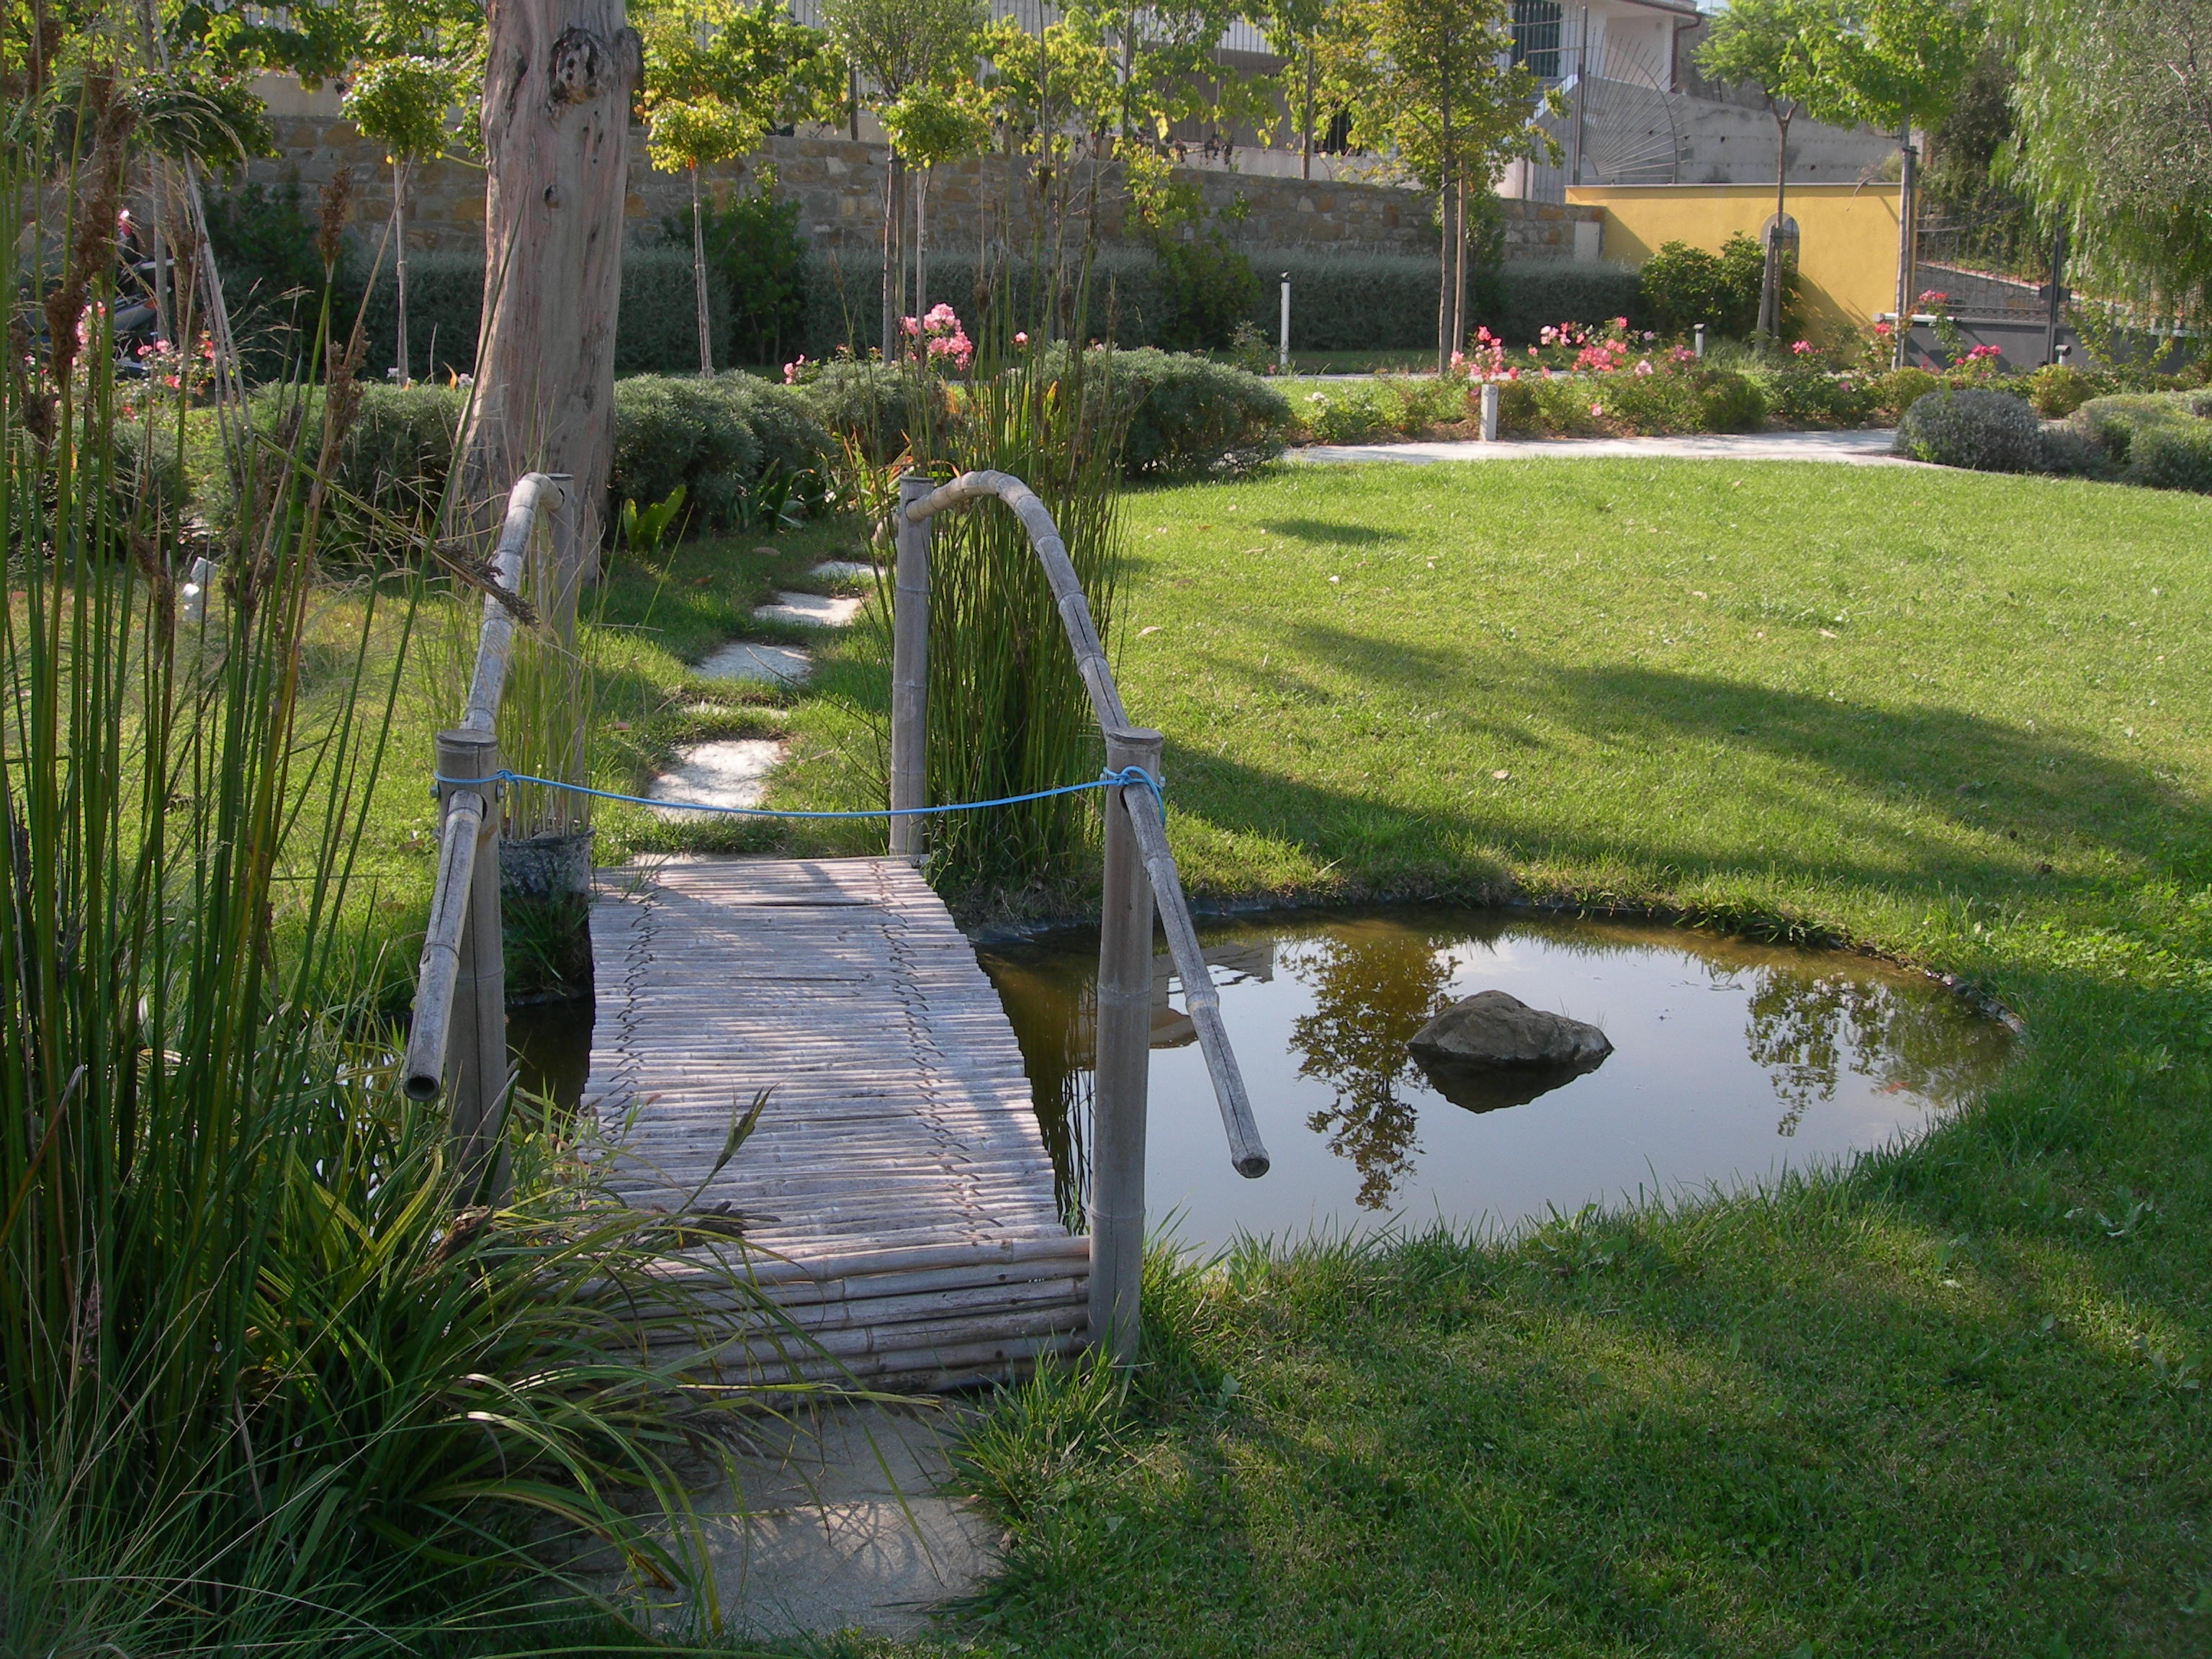 Benza laghetti da giardino cascate e ruscelli artificiali - Laghetti da giardino ...